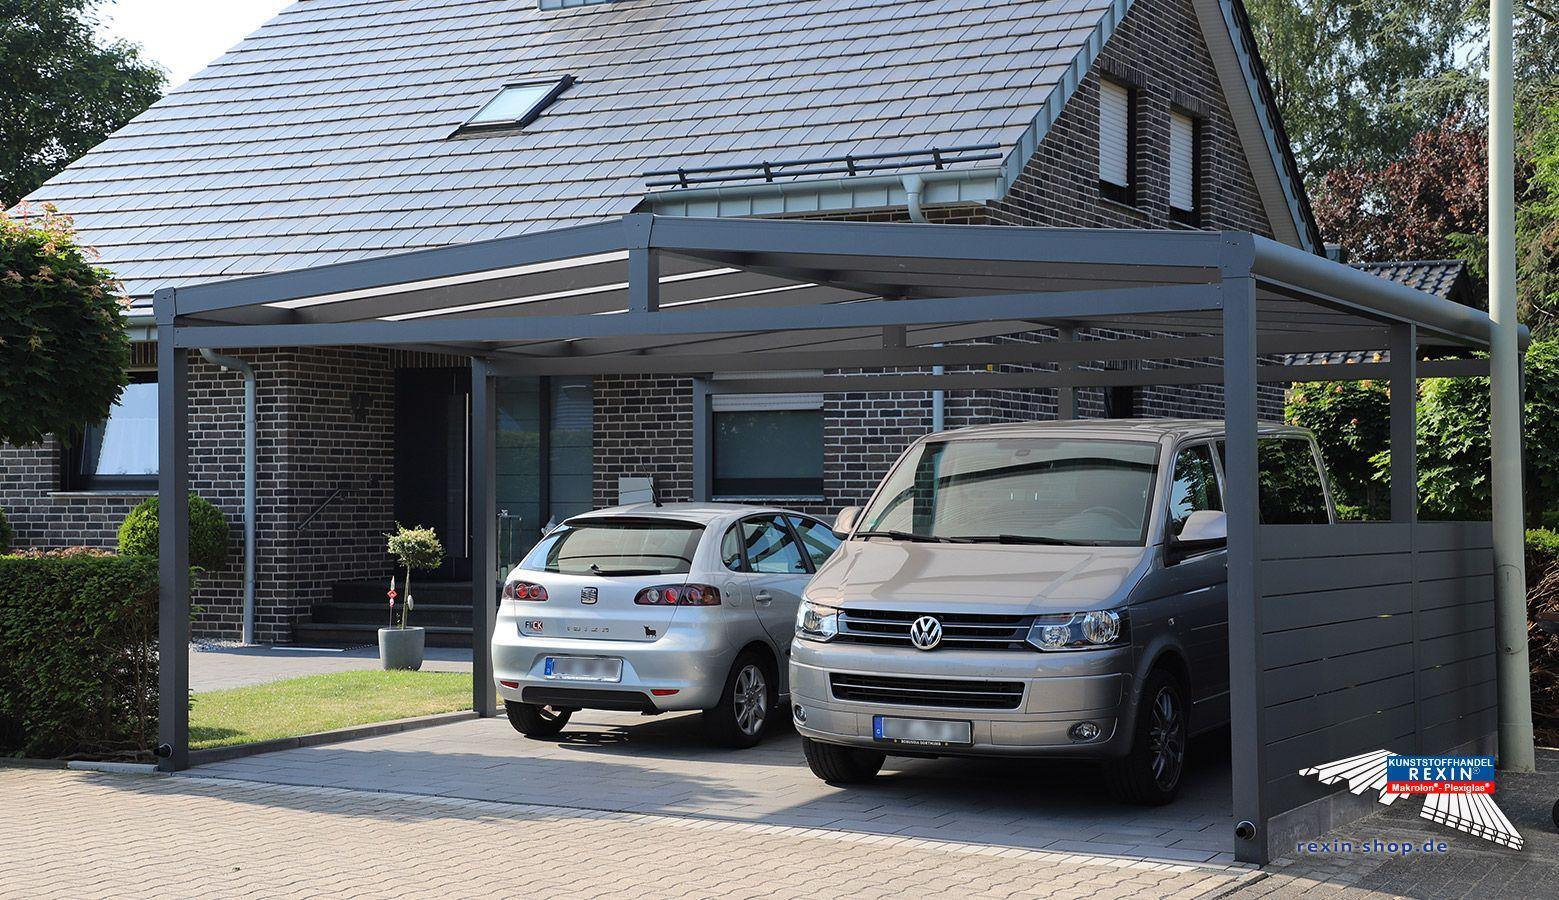 Ein Alu Carport Der Marke Rexoport 6m X 6m In Anthrazit Bei Diesem Freistehenden Aluminium Doppelcarport Mit Satteldach Form Wurd Alu Carport Carport Carports